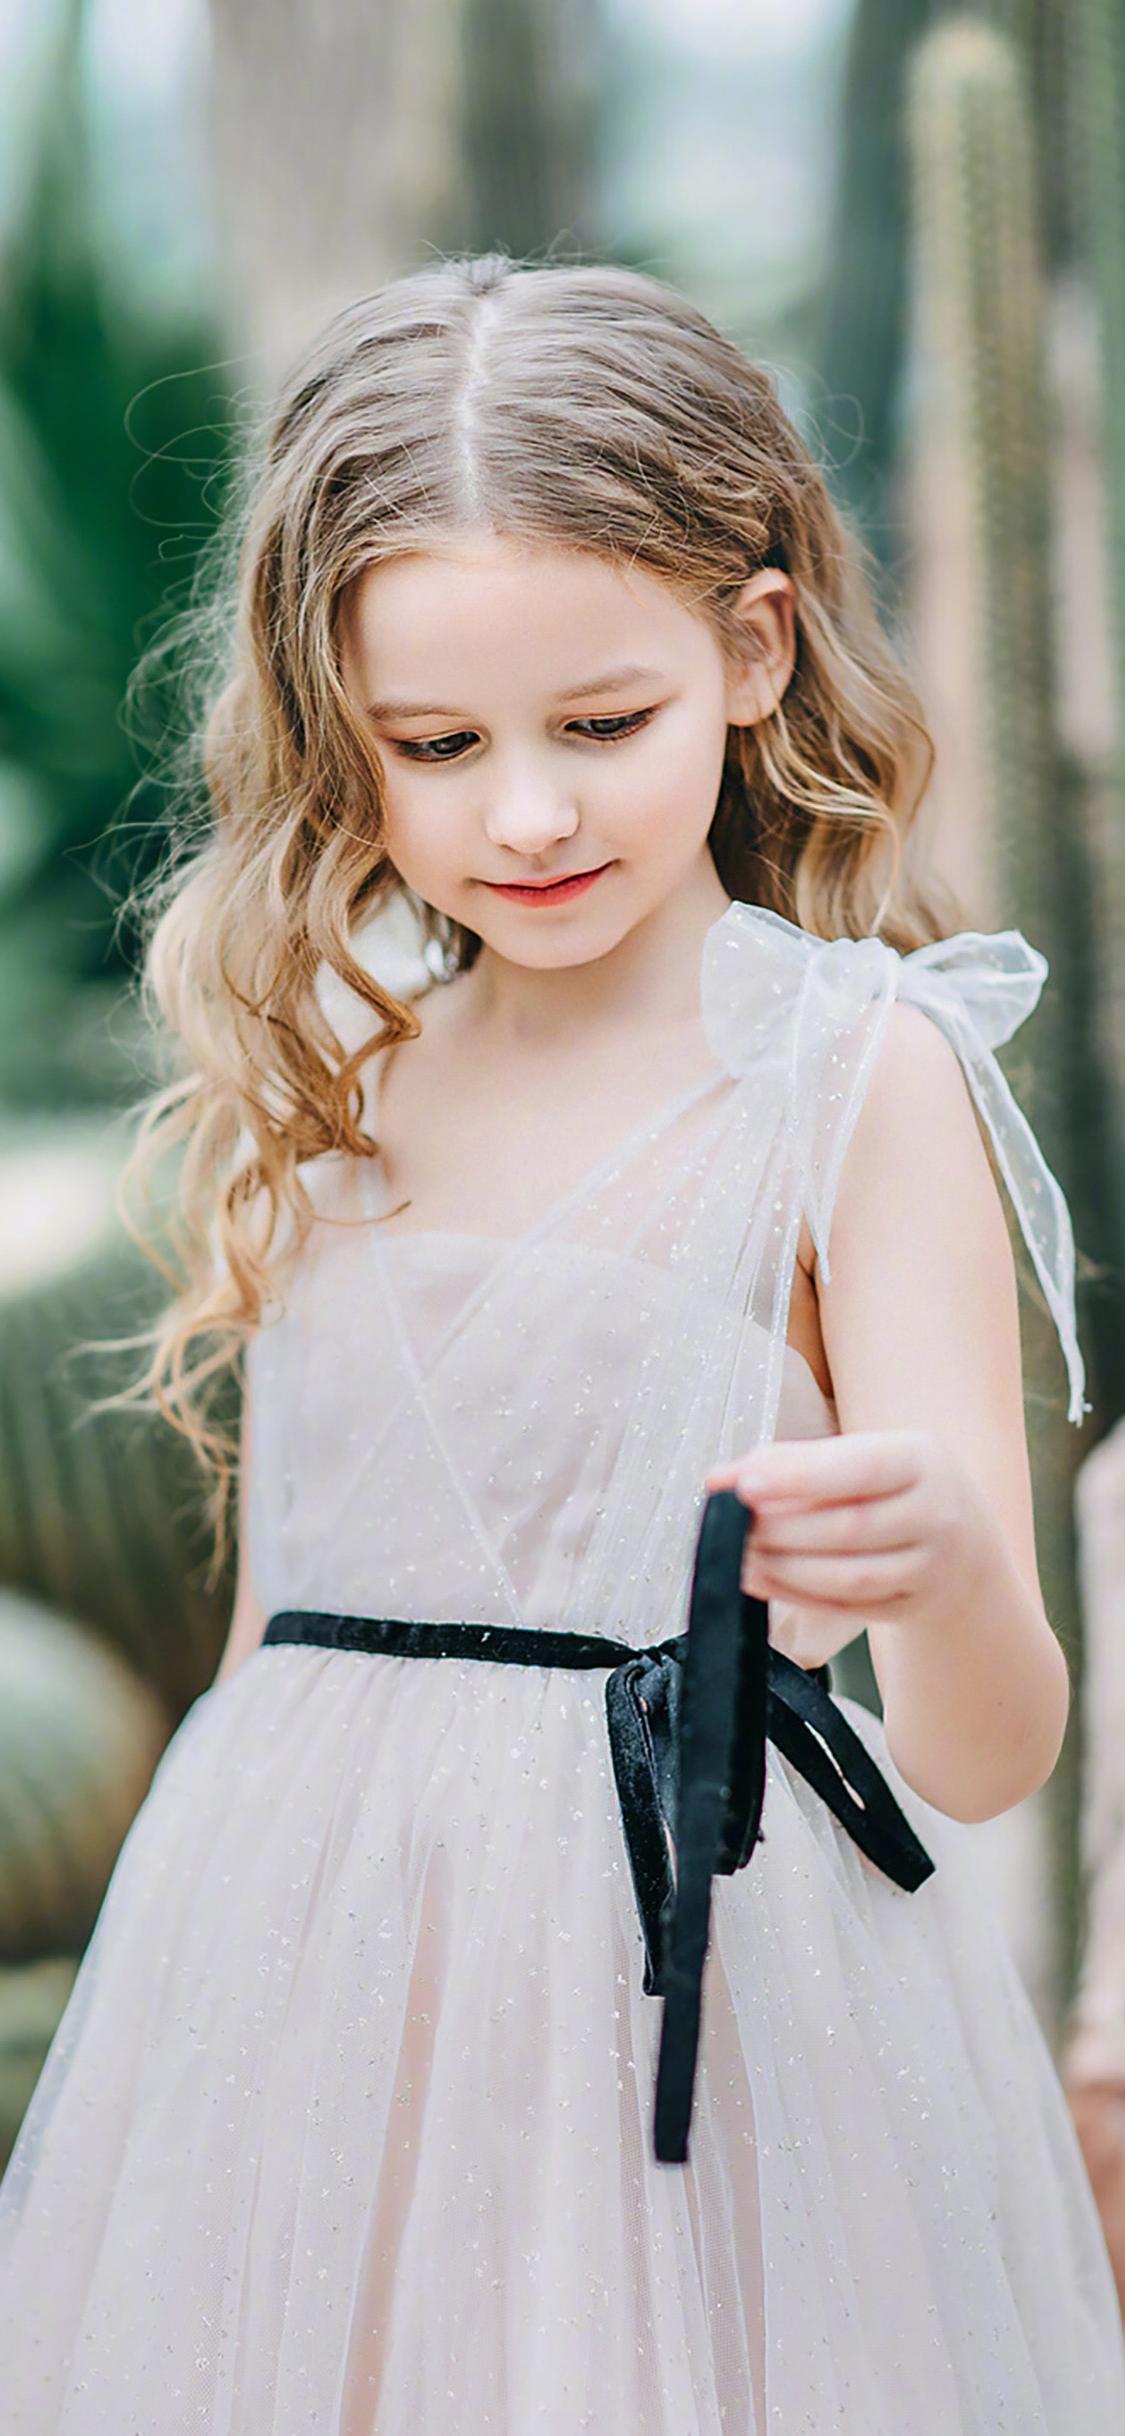 小模特 小女孩 欧美 时尚 裙子 儿童